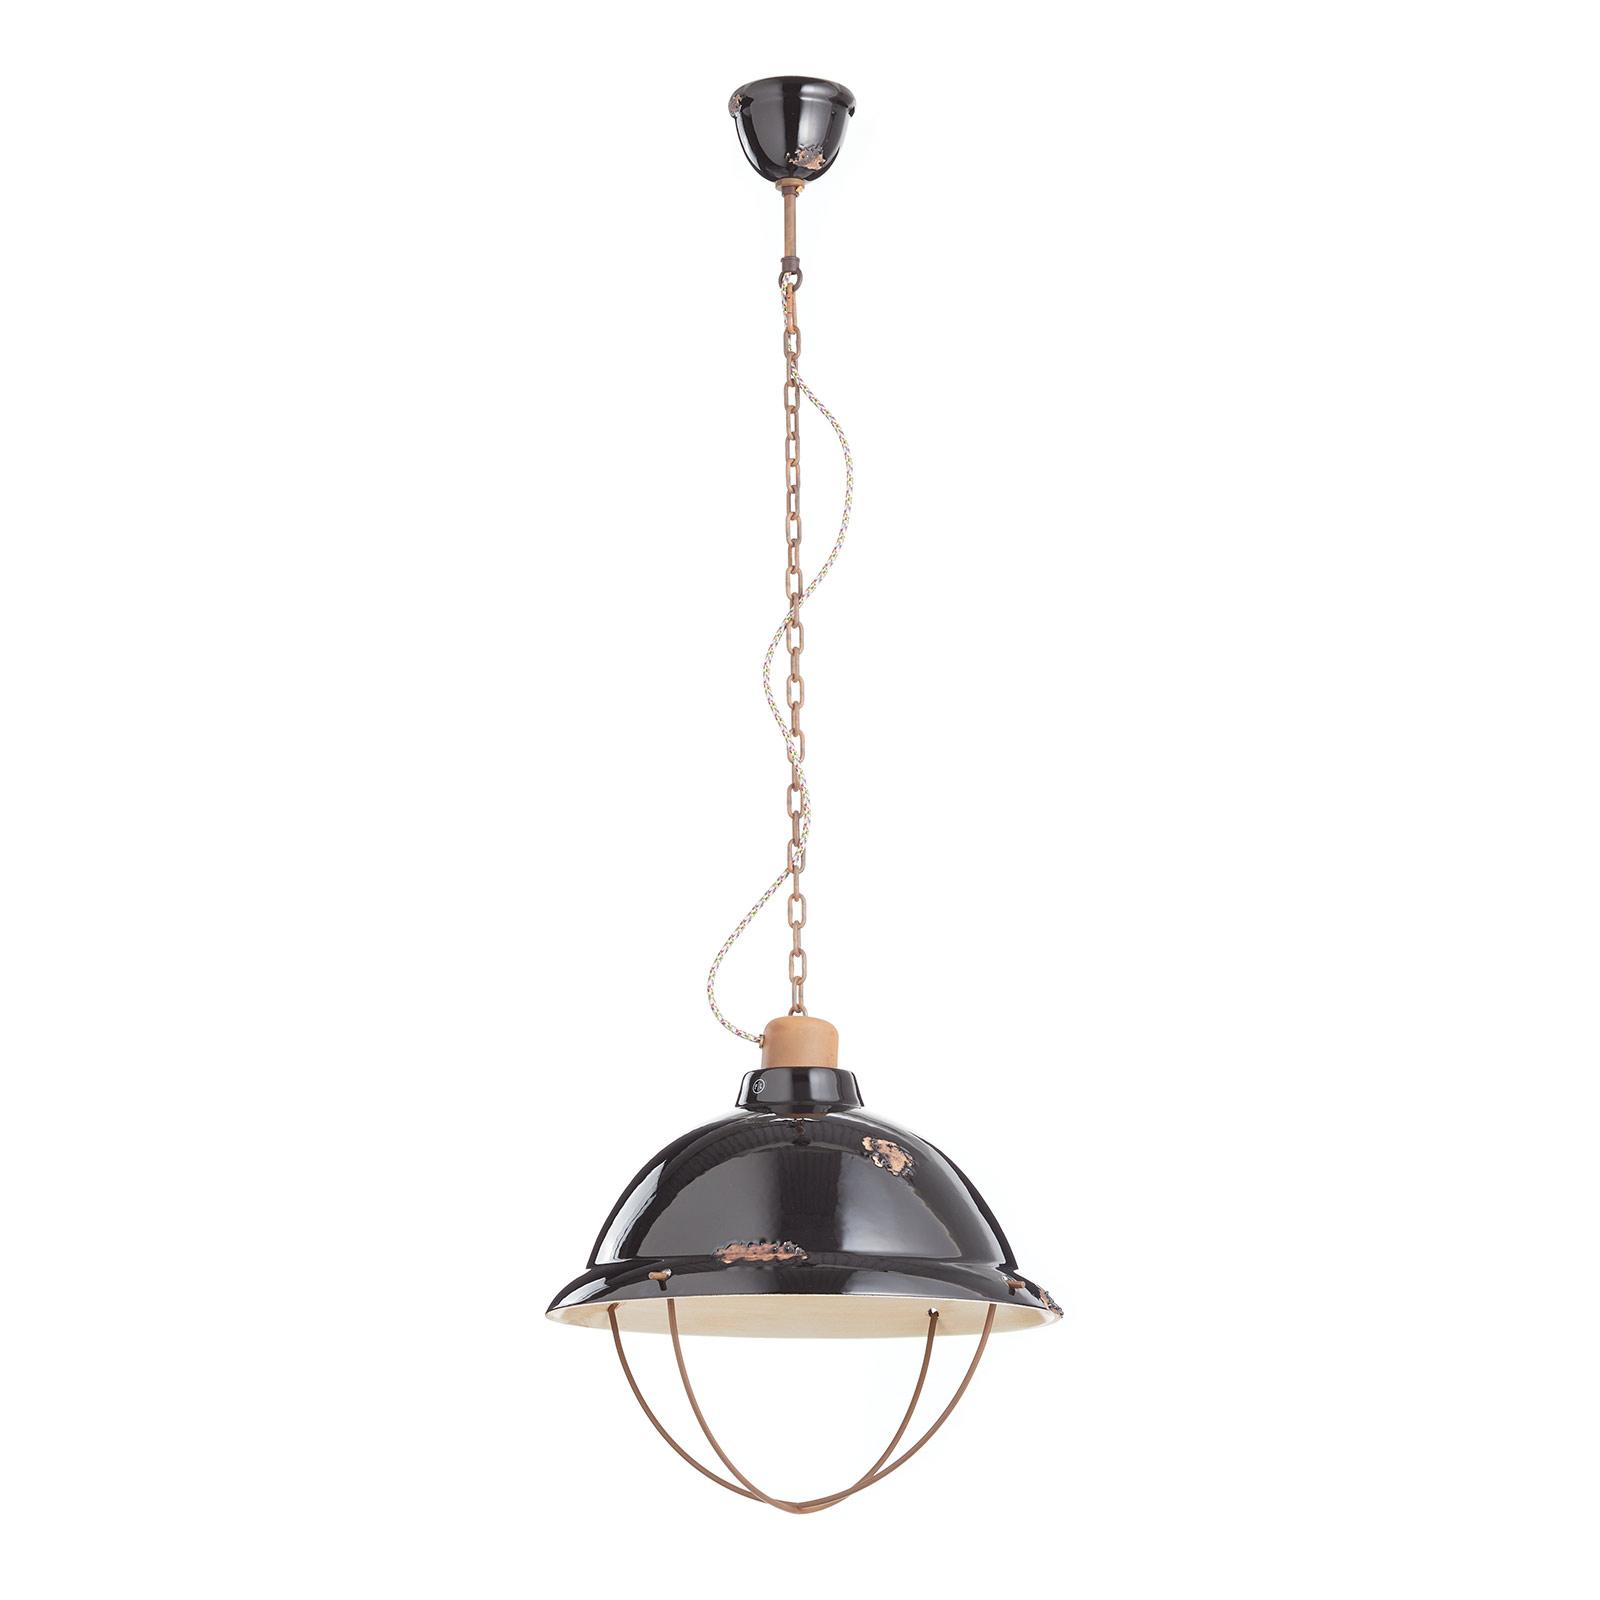 Lampa wisząca C1680 z ceramiki, czarna